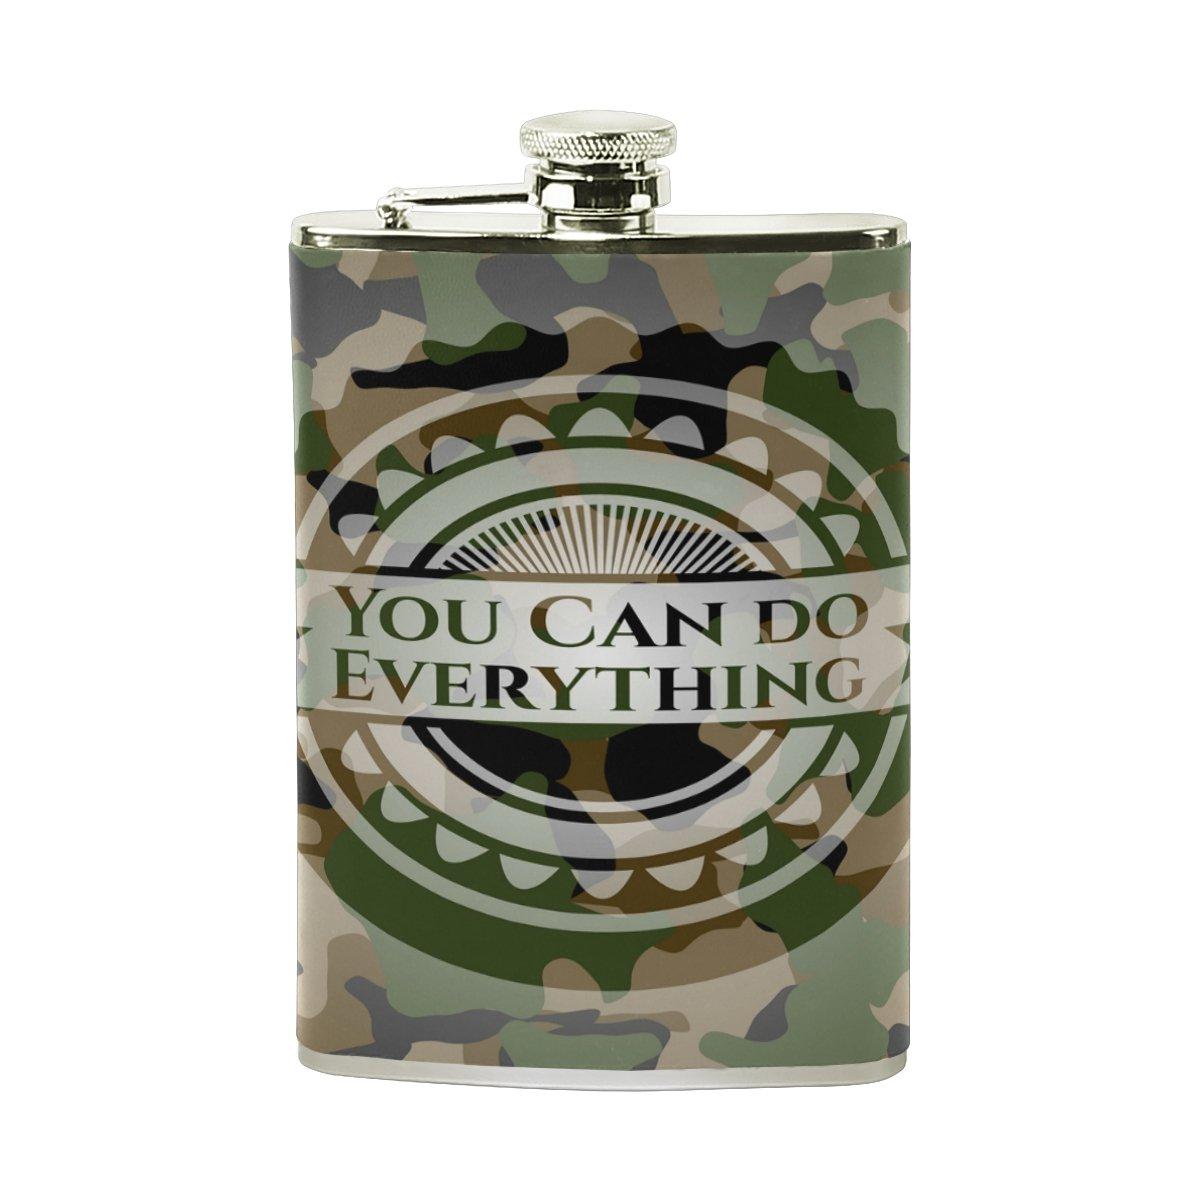 格安人気 Alaza You Can Can Do Everything迷彩ヒップフラスコステンレススチール8オンスポケットショットのフラスコLiquor Whiskey VodkaラムPUレザーWrapped You 100 % 100 Leak Proof B075ZRZMWK, 厨房1番:7544d0b1 --- a0267596.xsph.ru